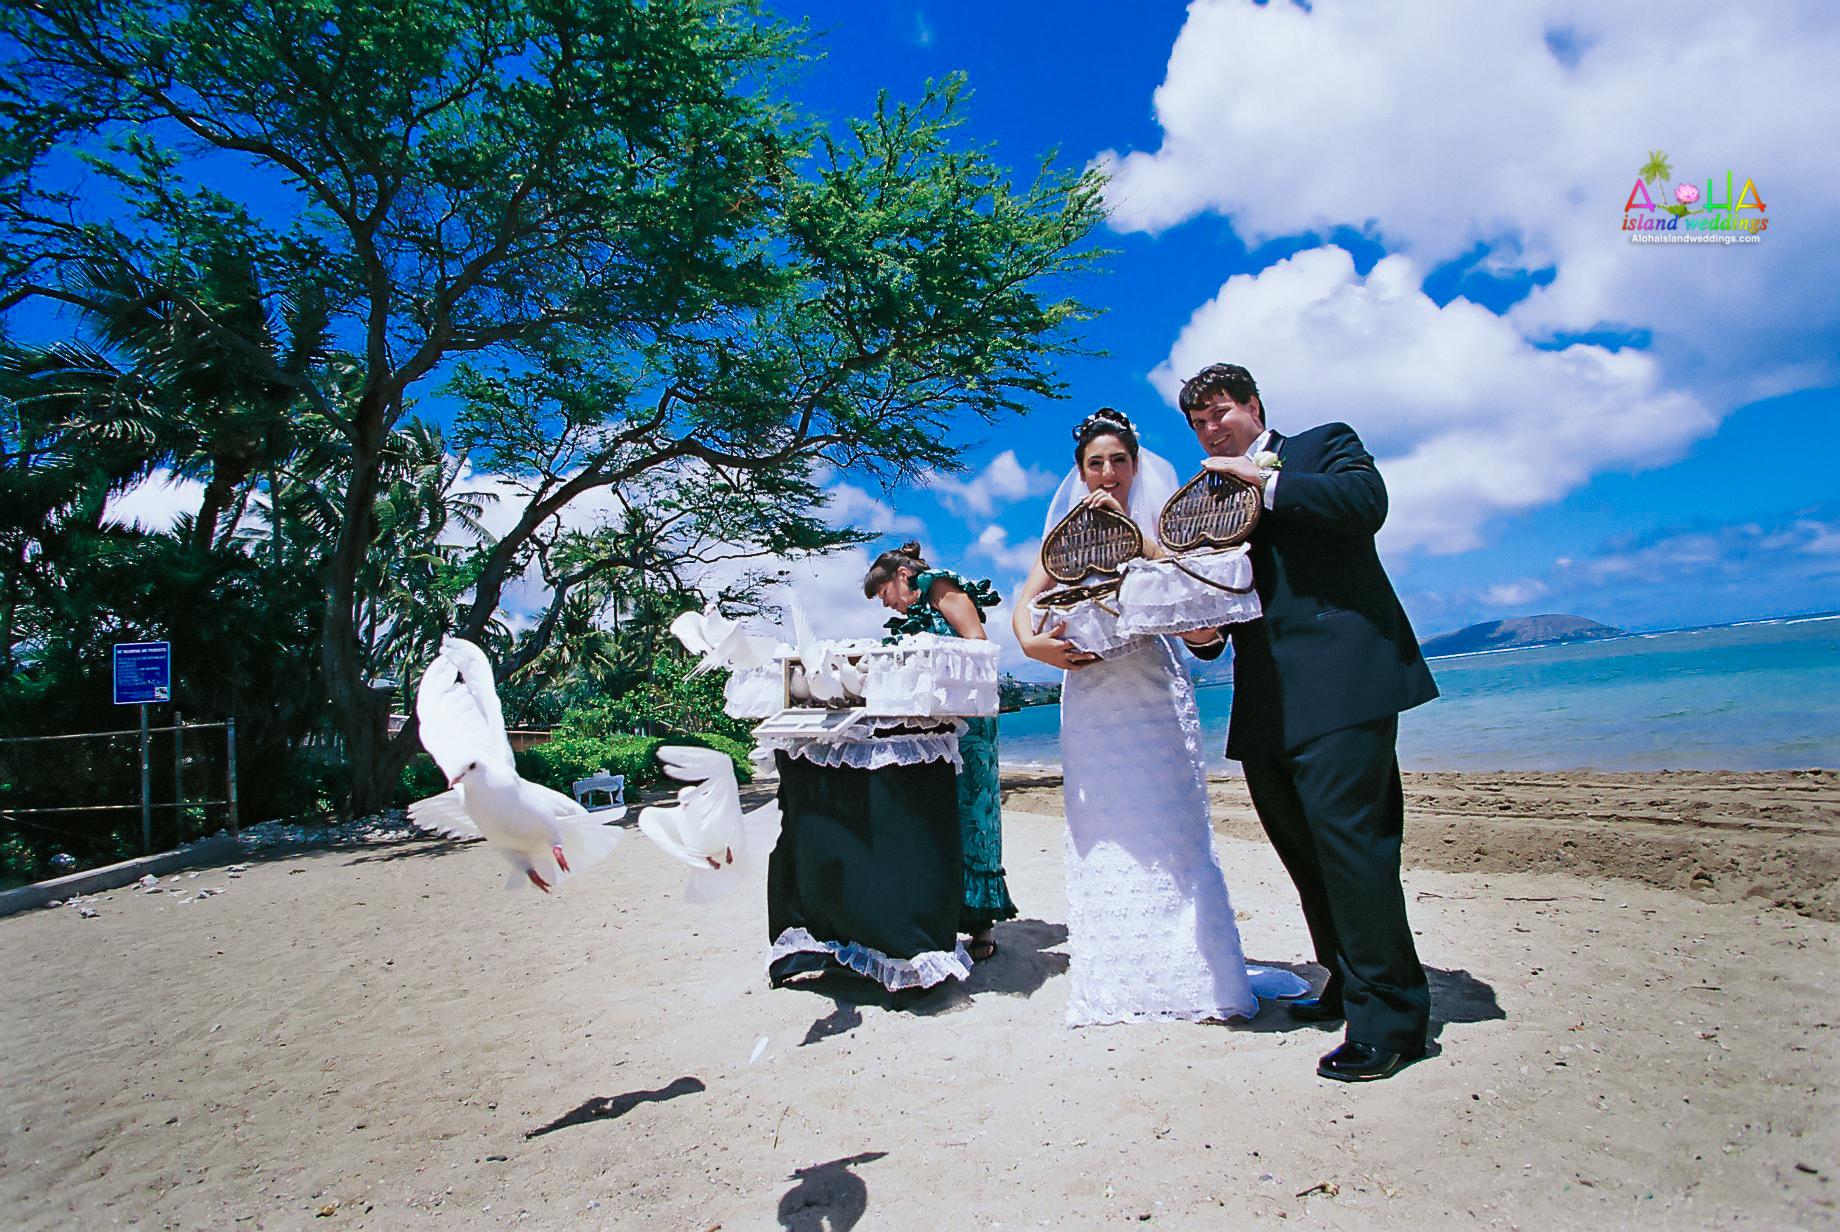 Dove Release wedding ceremony in Hawaii-4